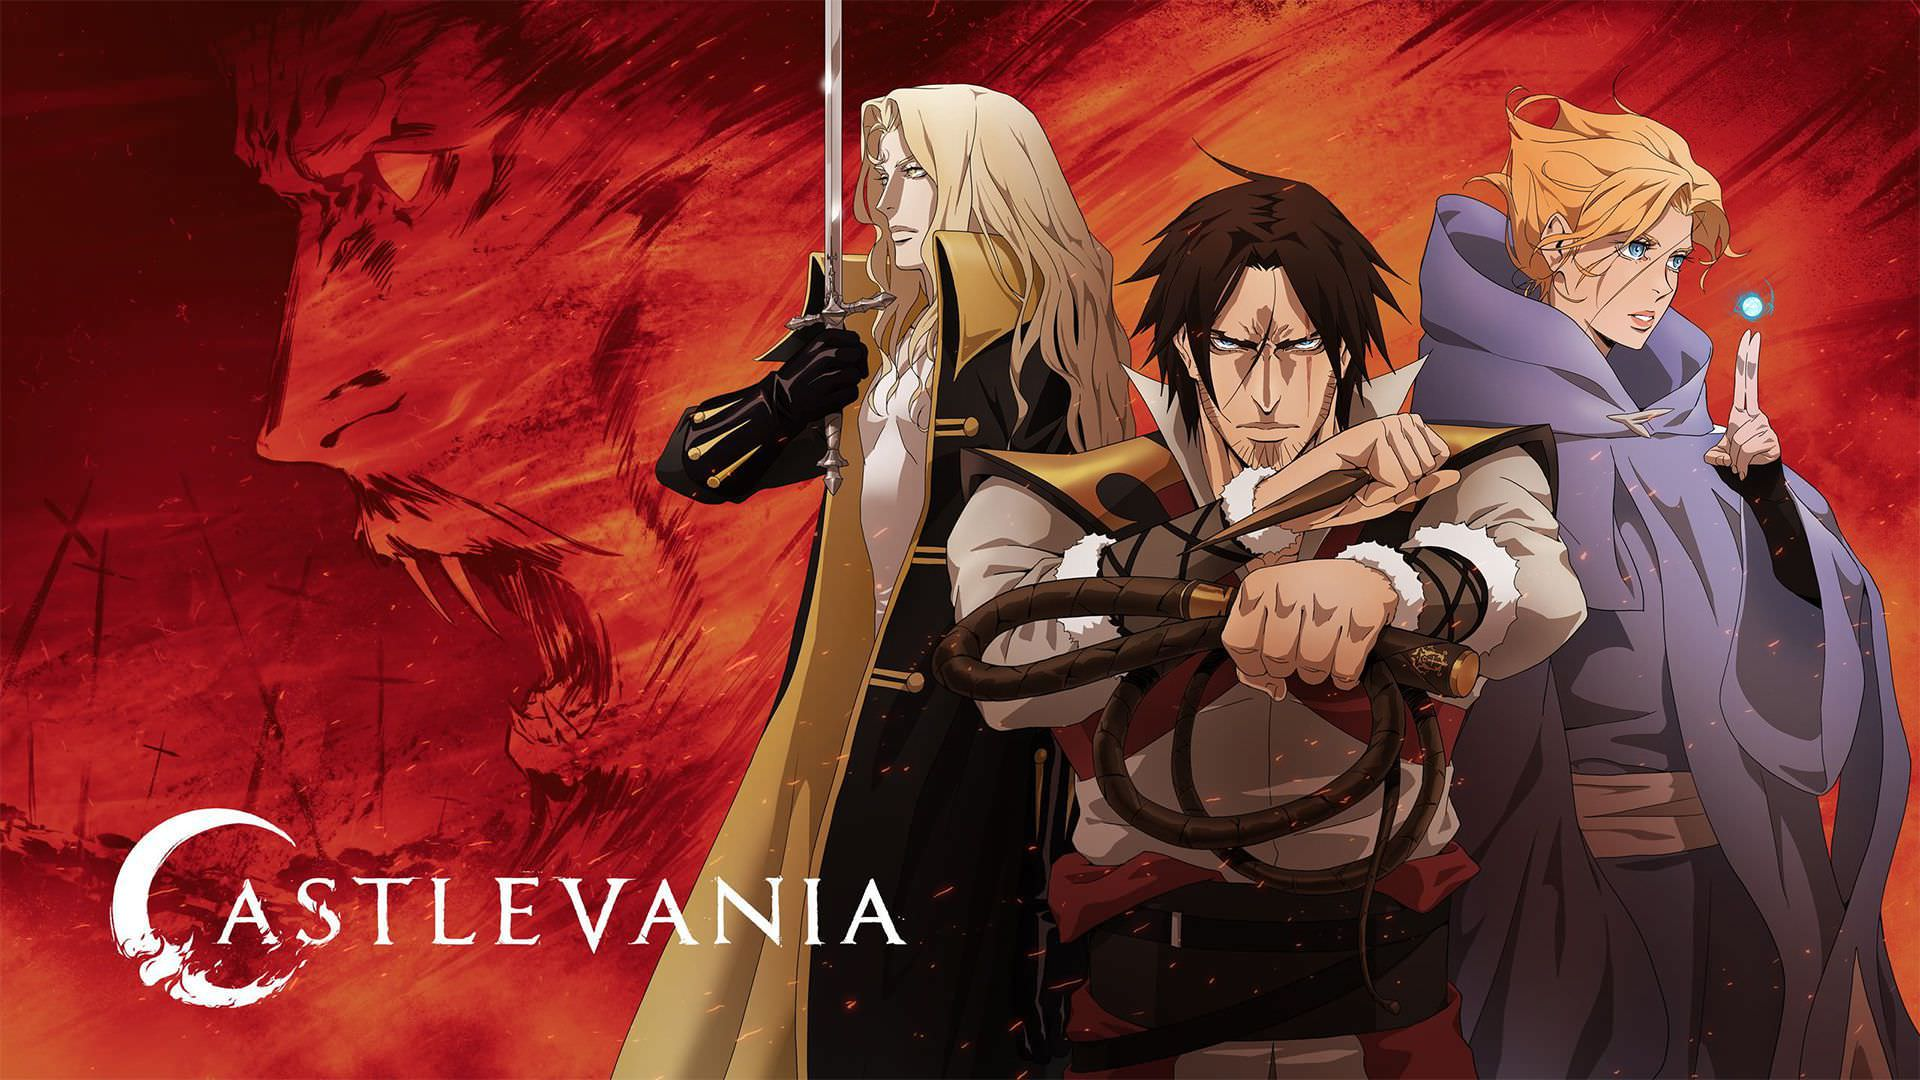 اولین تصاویر فصل چهارم سریال Castlevania بازگشت ترور و سایفا را نشان میدهد